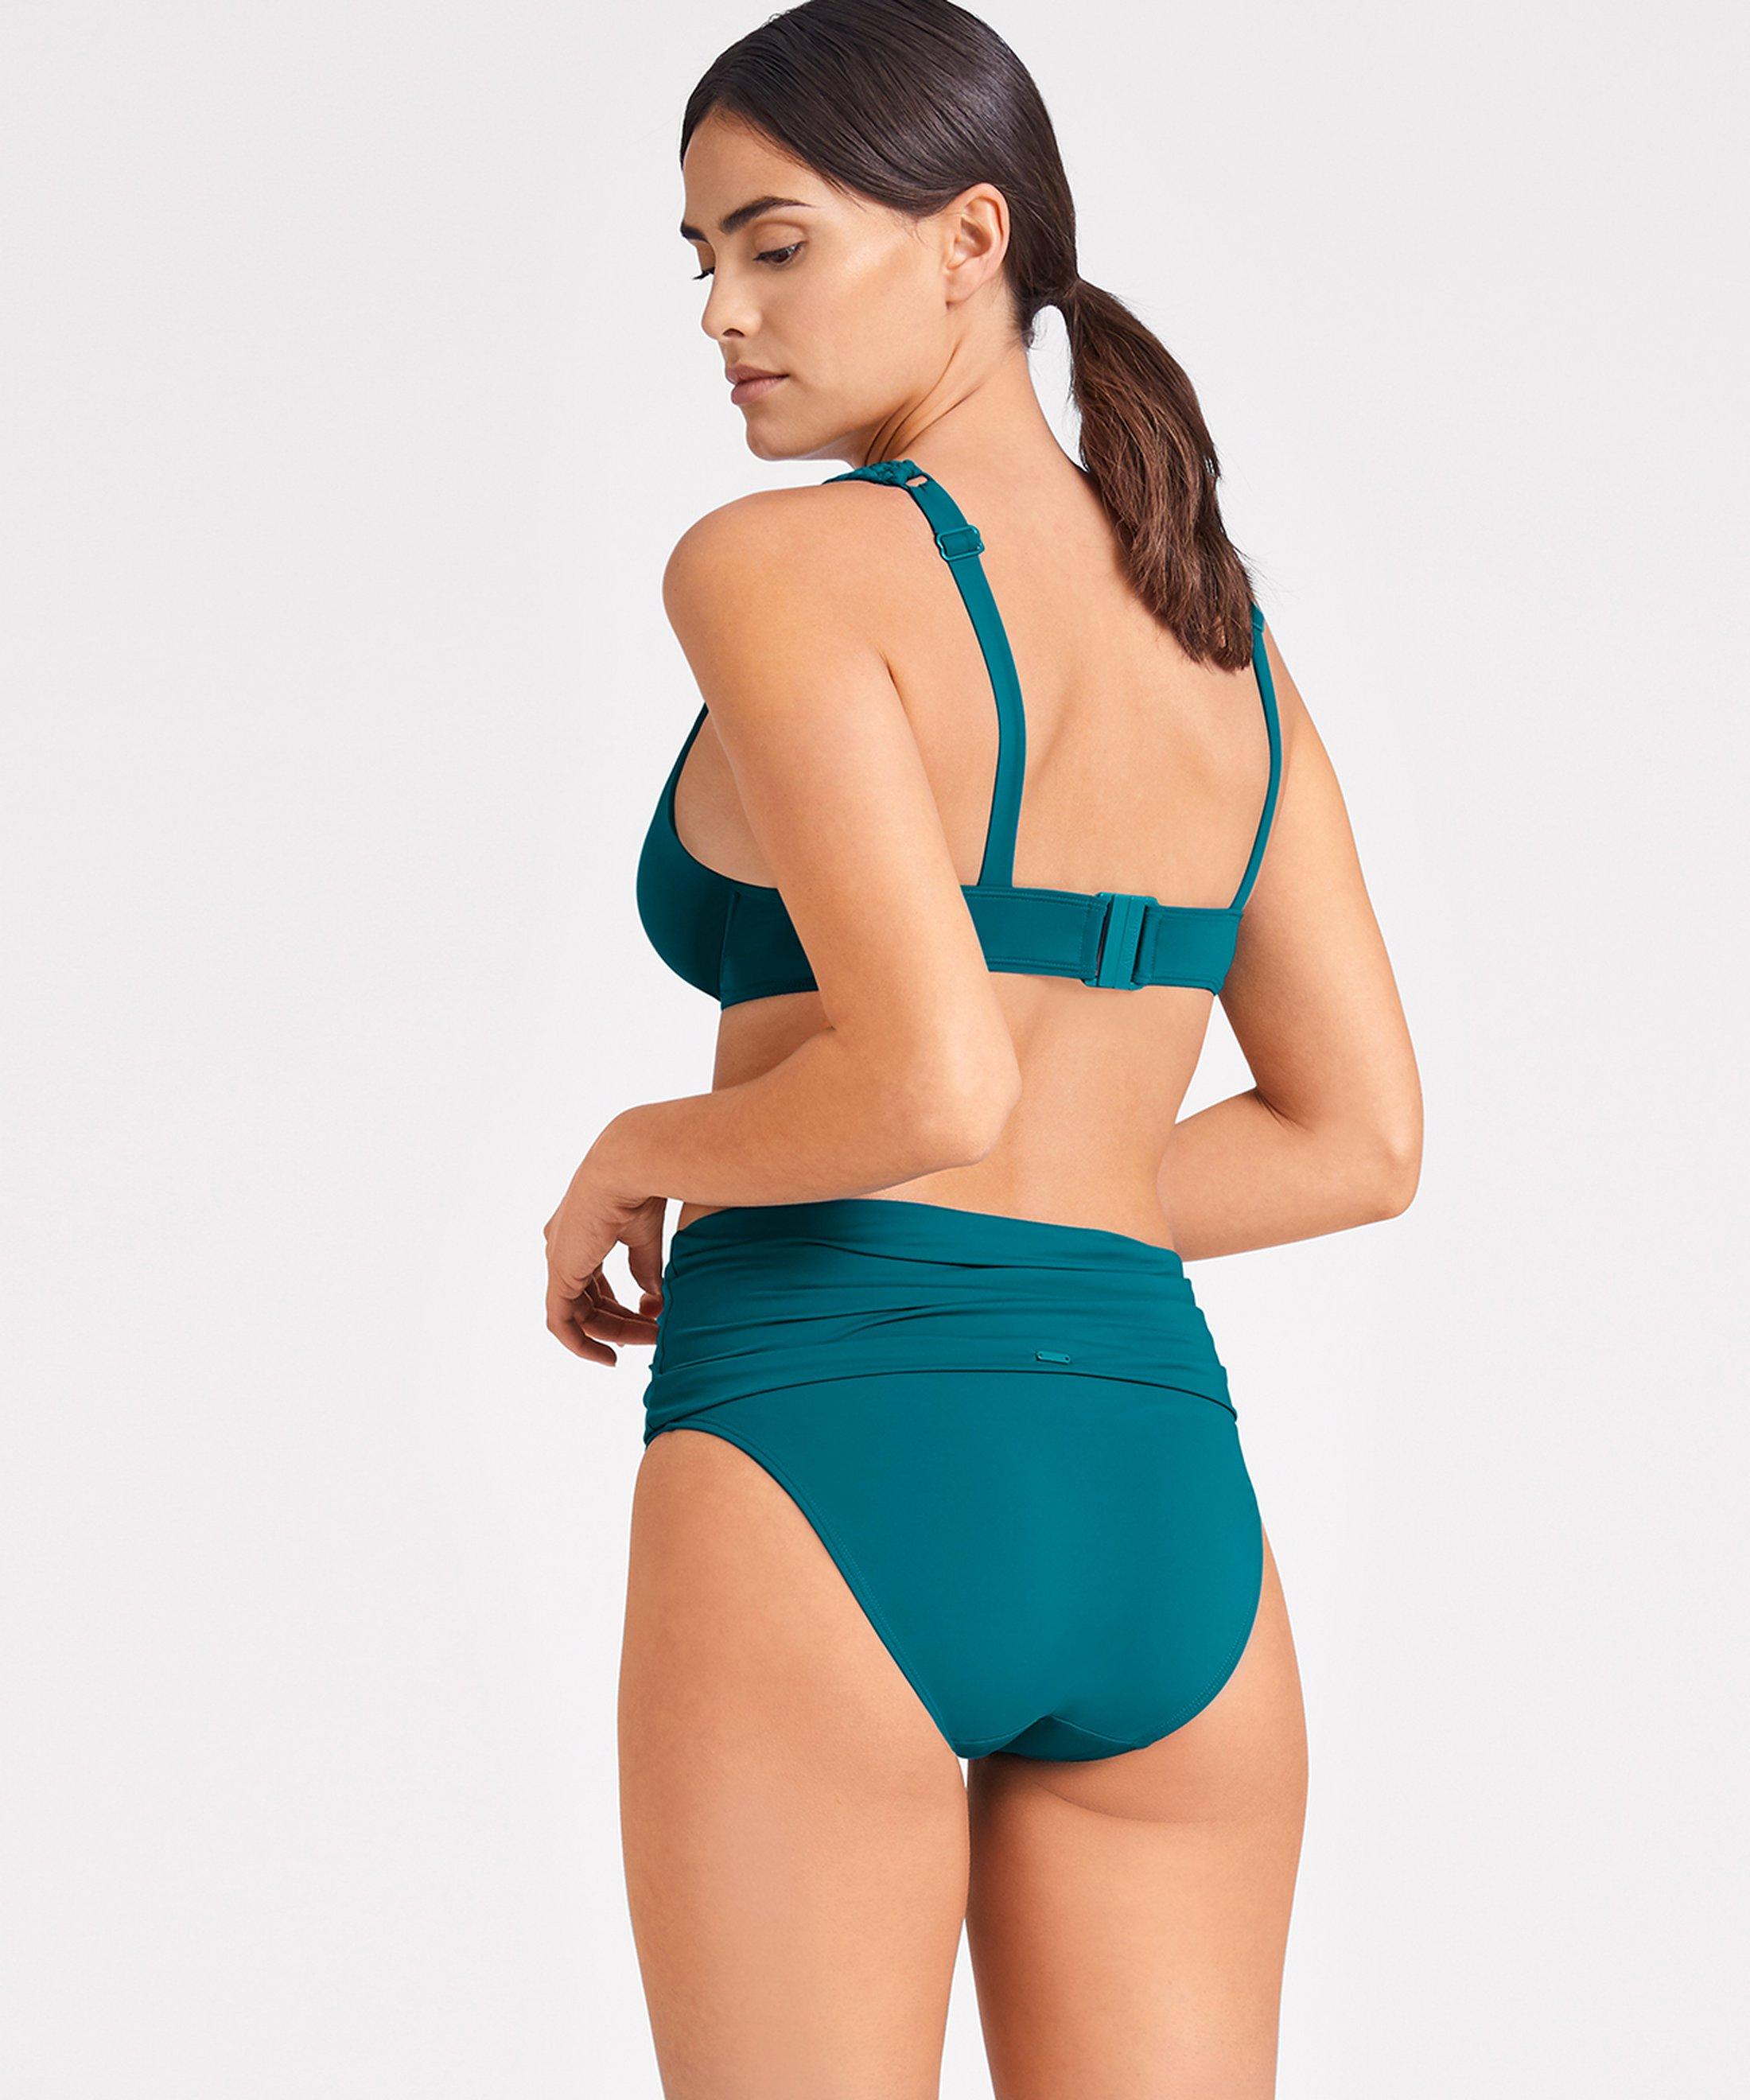 LA PLAGE ENSOLEILLÉE Haut de maillot de bain triangle plunge Vert Mineral | Aubade